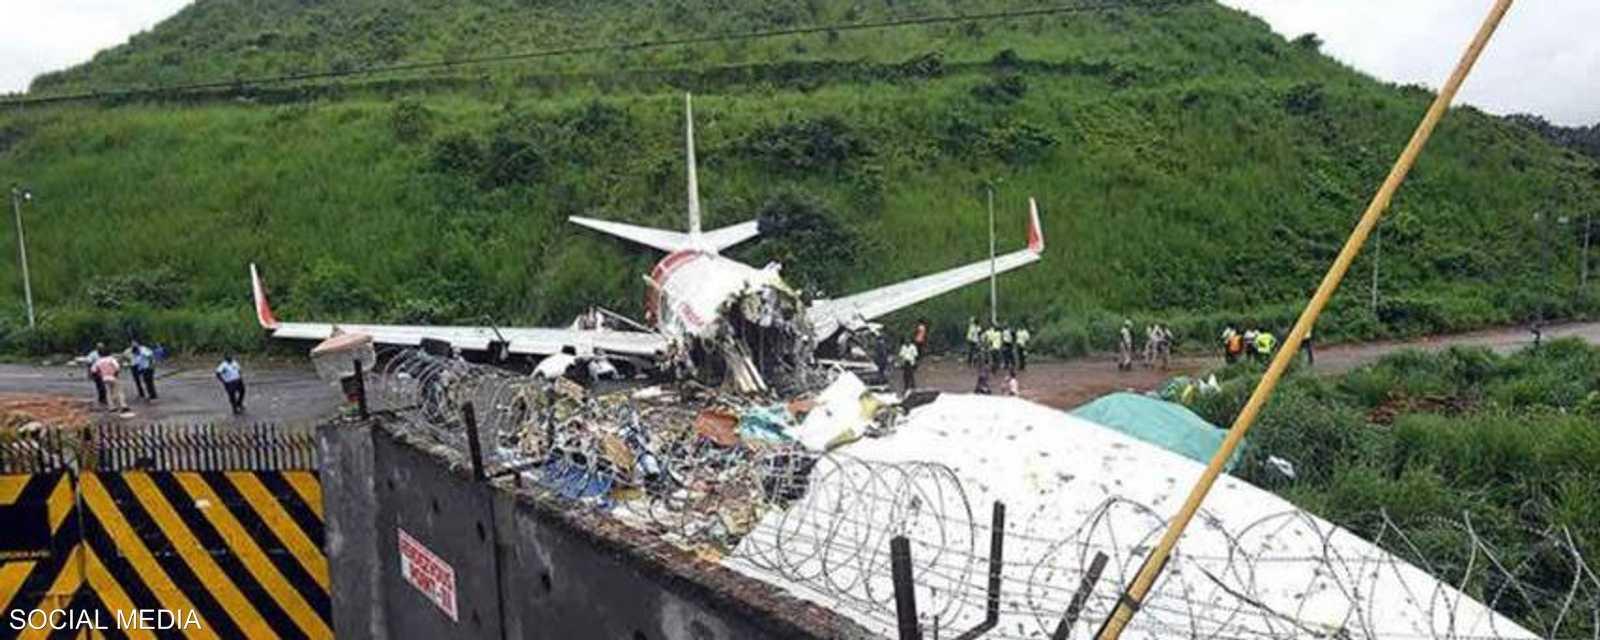 الطائرة فشلت في الهبوط على المدرج